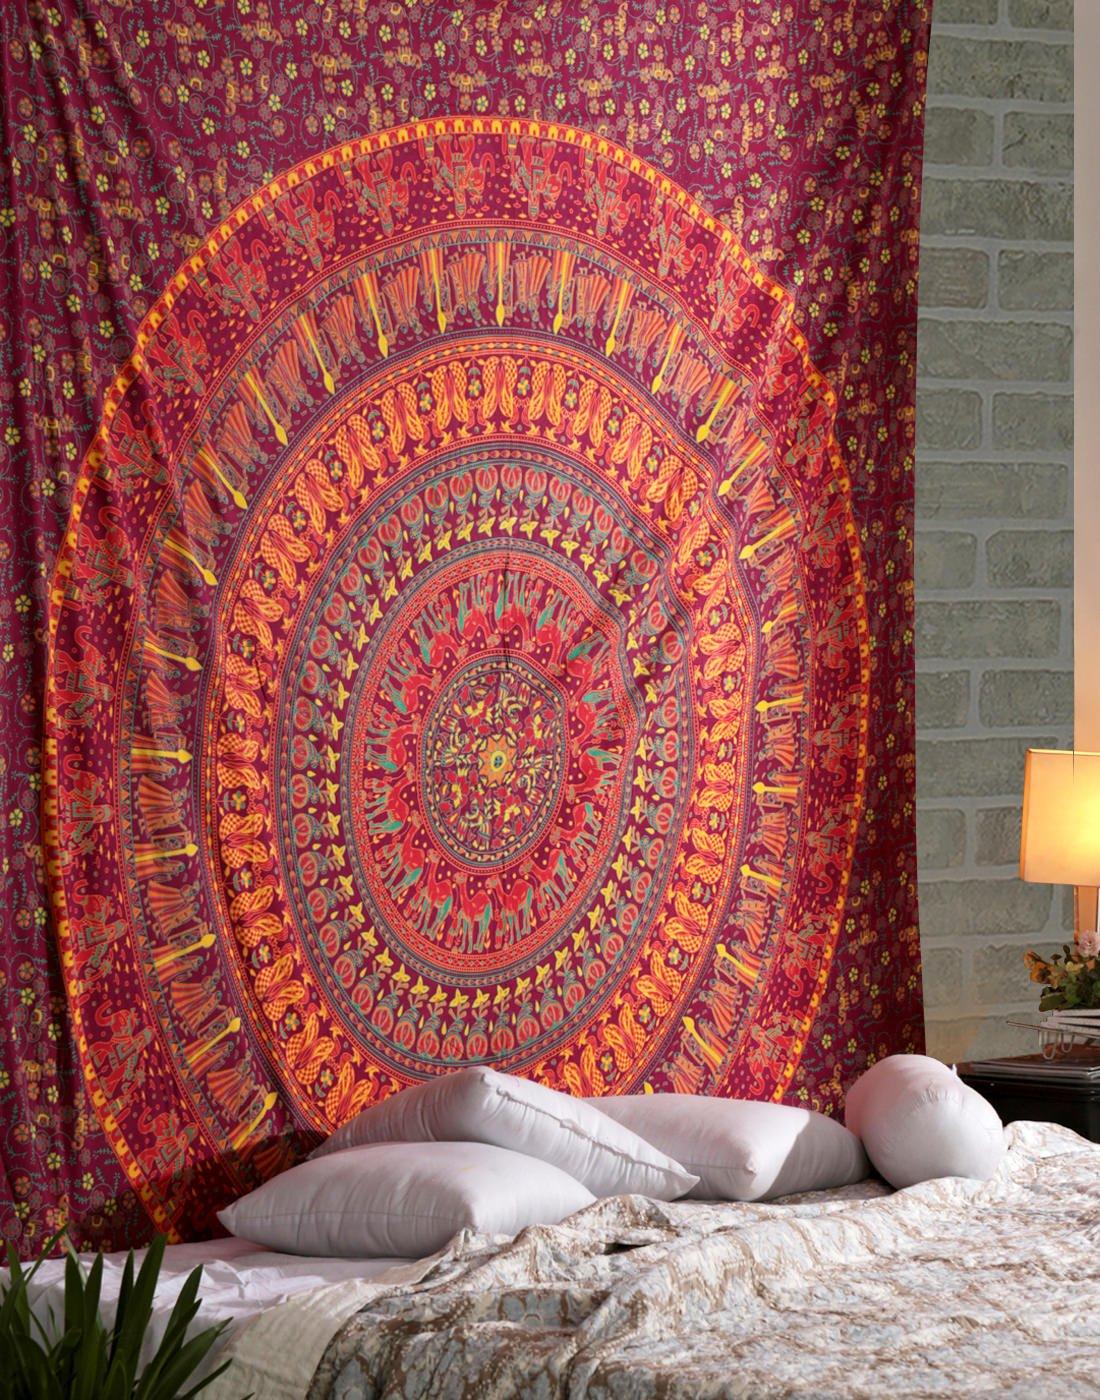 RAJRANG Hippie Mandala Tapestry indiano arancia Rosa tappezzerie boemo arredamento arazzo WHG08290